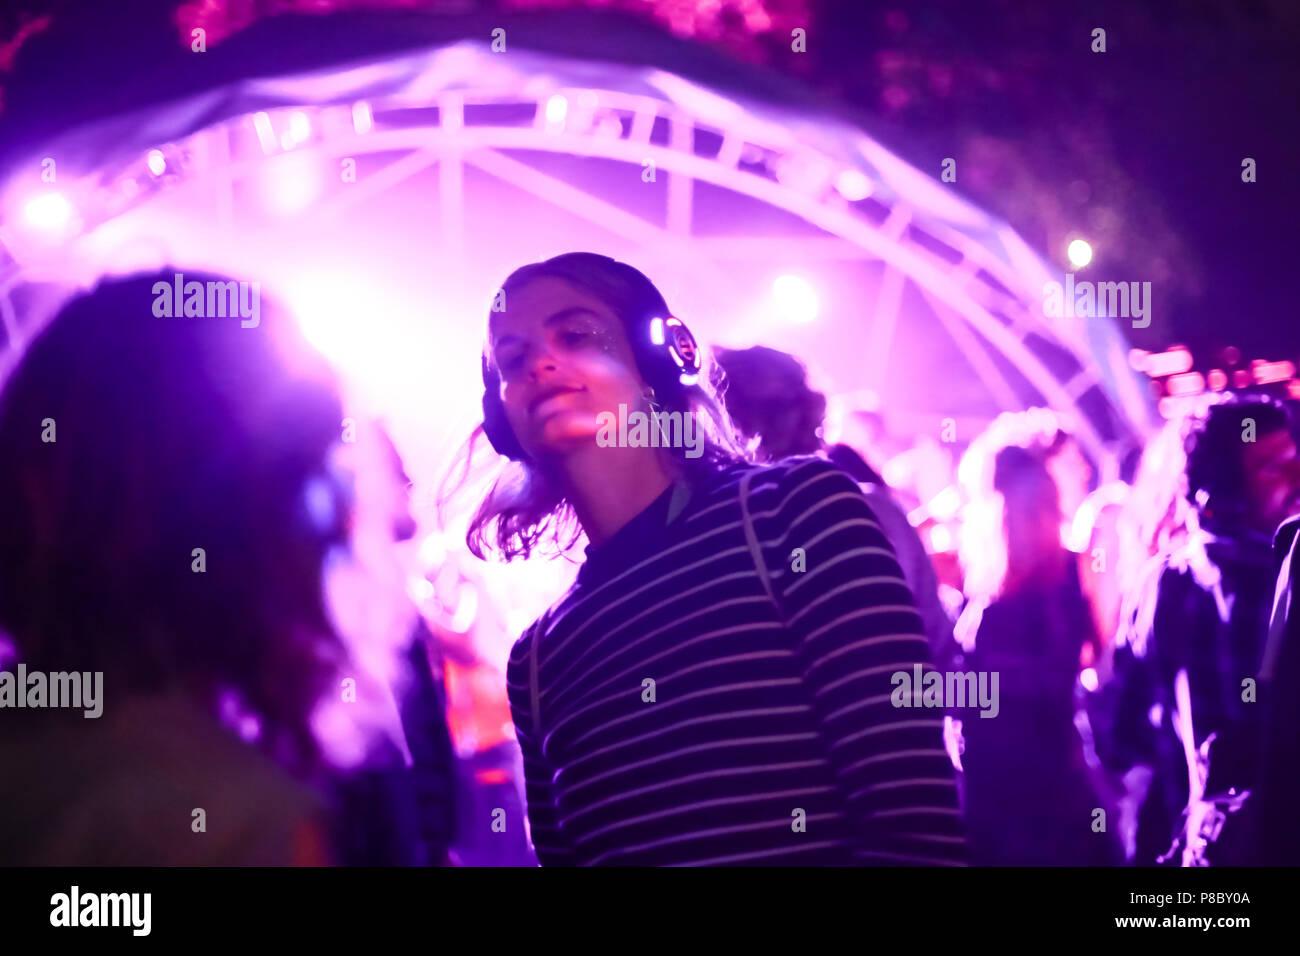 Zagabria, Croazia - 26 Giugno 2018 : parte silenziosa da YEM kolektiv DJ al tredicesimo Festival INmusic situato sul lago Jarun a Zagabria in Croazia. Immagini Stock